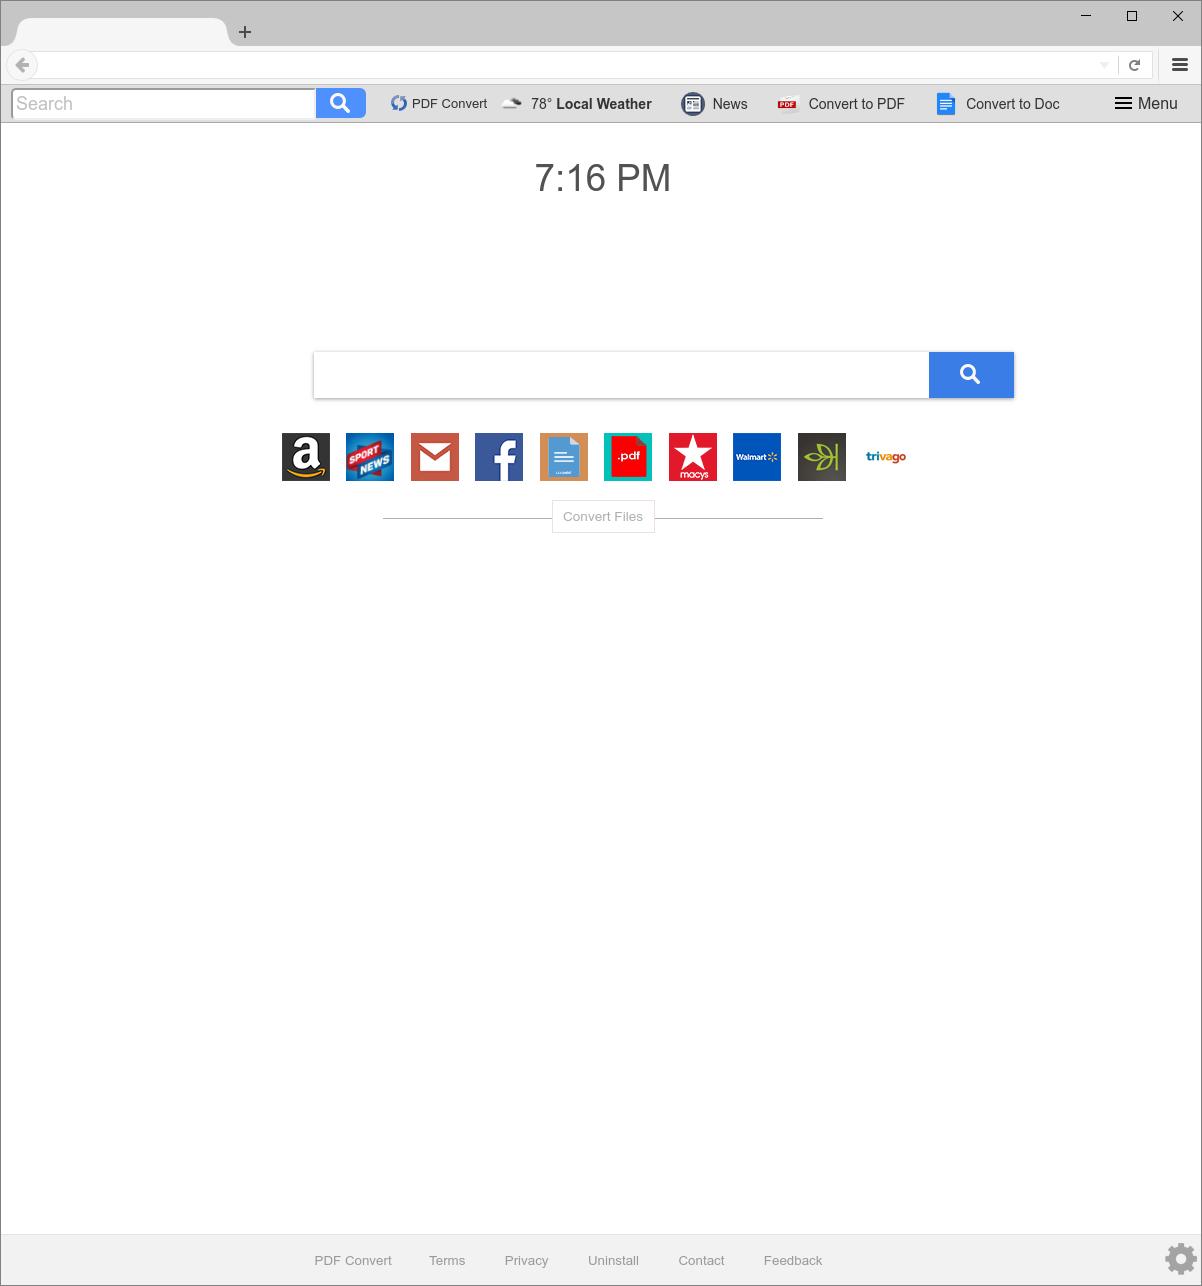 Search.searchipdf.com Hijacker